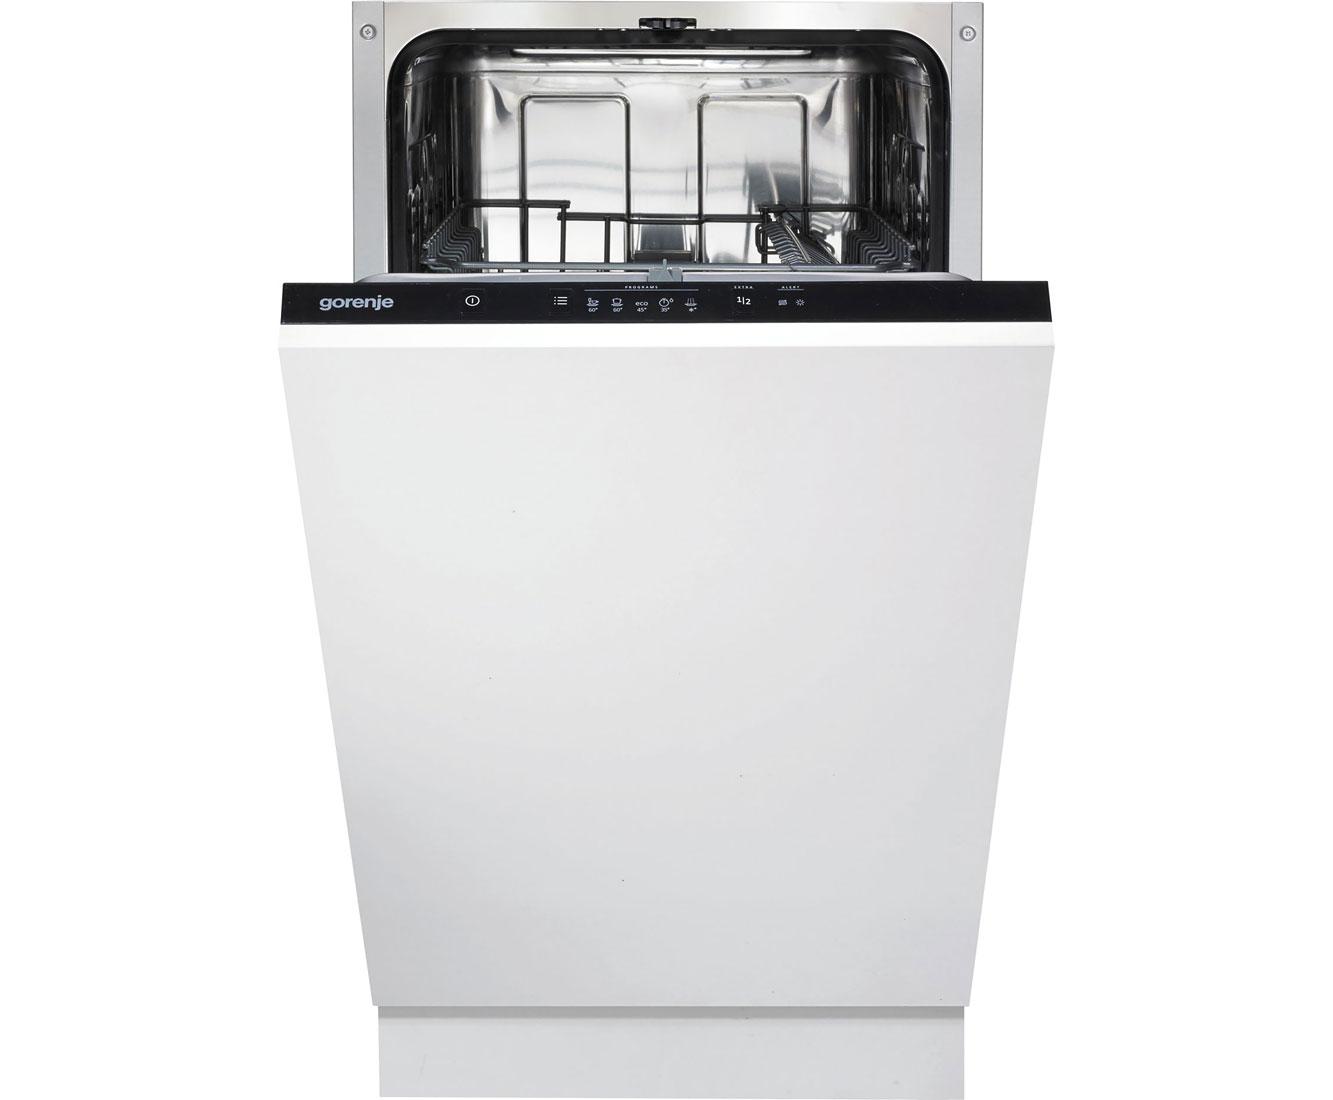 Gorenje GV52010 Geschirrspüler 45 cm - Schwarz   Küche und Esszimmer > Küchenelektrogeräte > Gefrierschränke   Schwarz   Gorenje